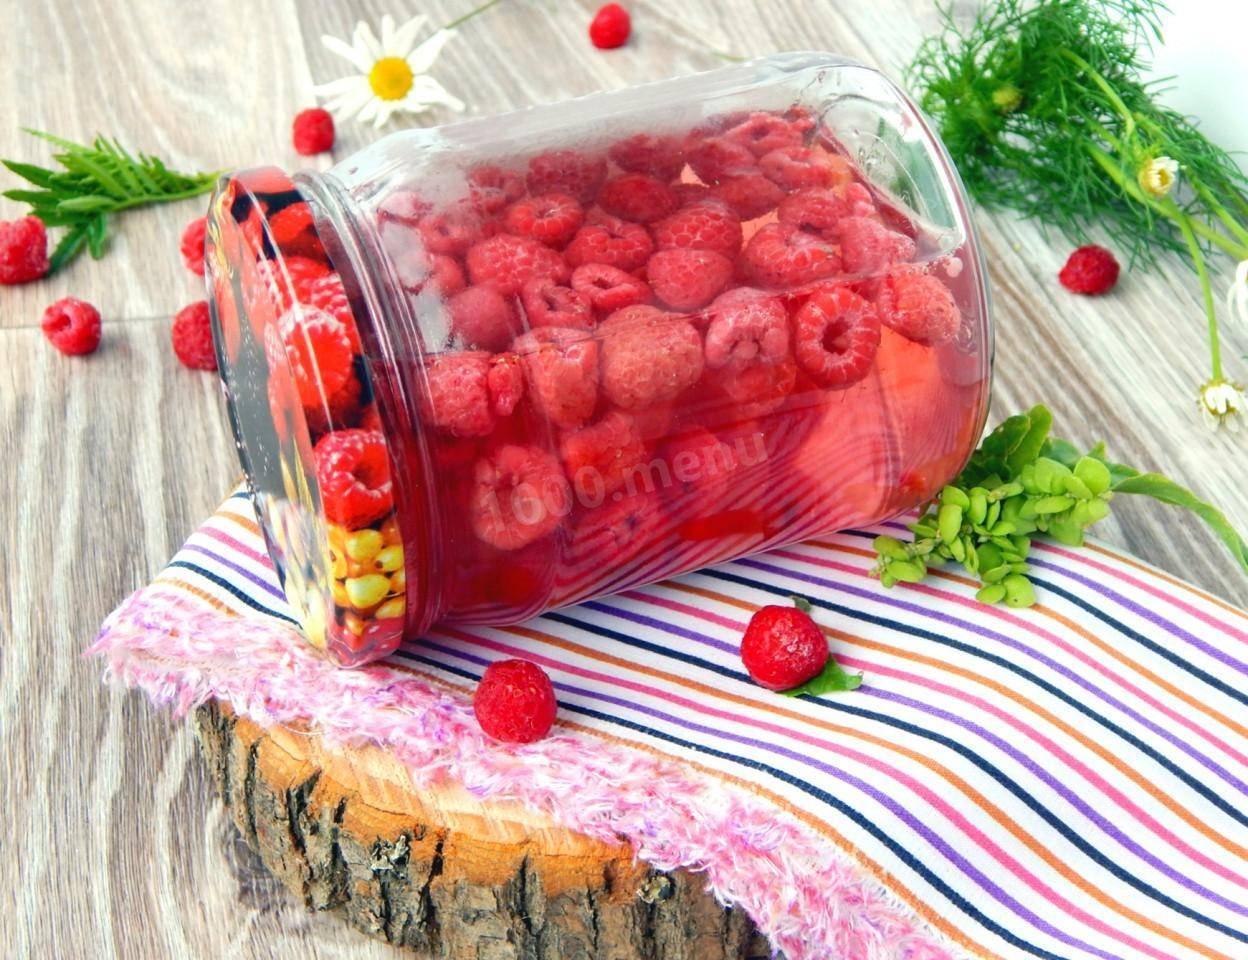 Компот из терна на 3 литровую банку на зиму - 5 рецептов с фото пошагово